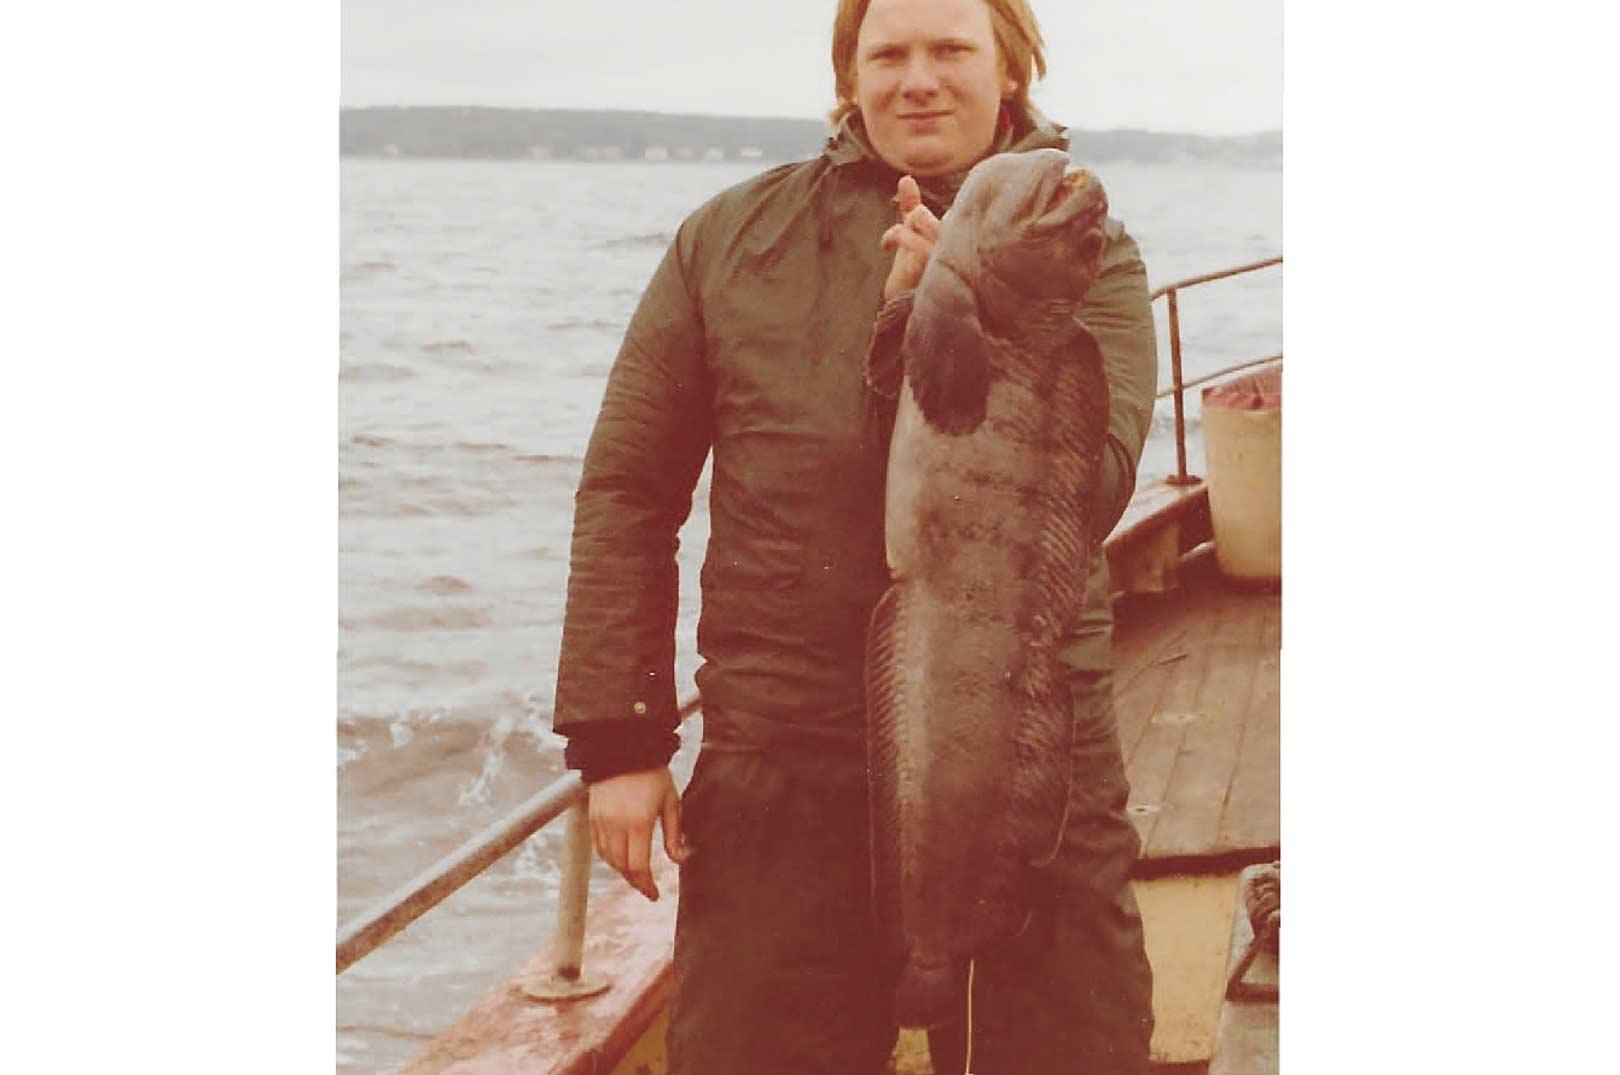 Samme vrag afgav samme dag også en pæn havkat. Ulf Hansen fangede den flotte kat på 6,5 kilo. Så med både en kæmpe lange og 2 flotte havkatte var det turen, der aldrig går i glemmebogen.